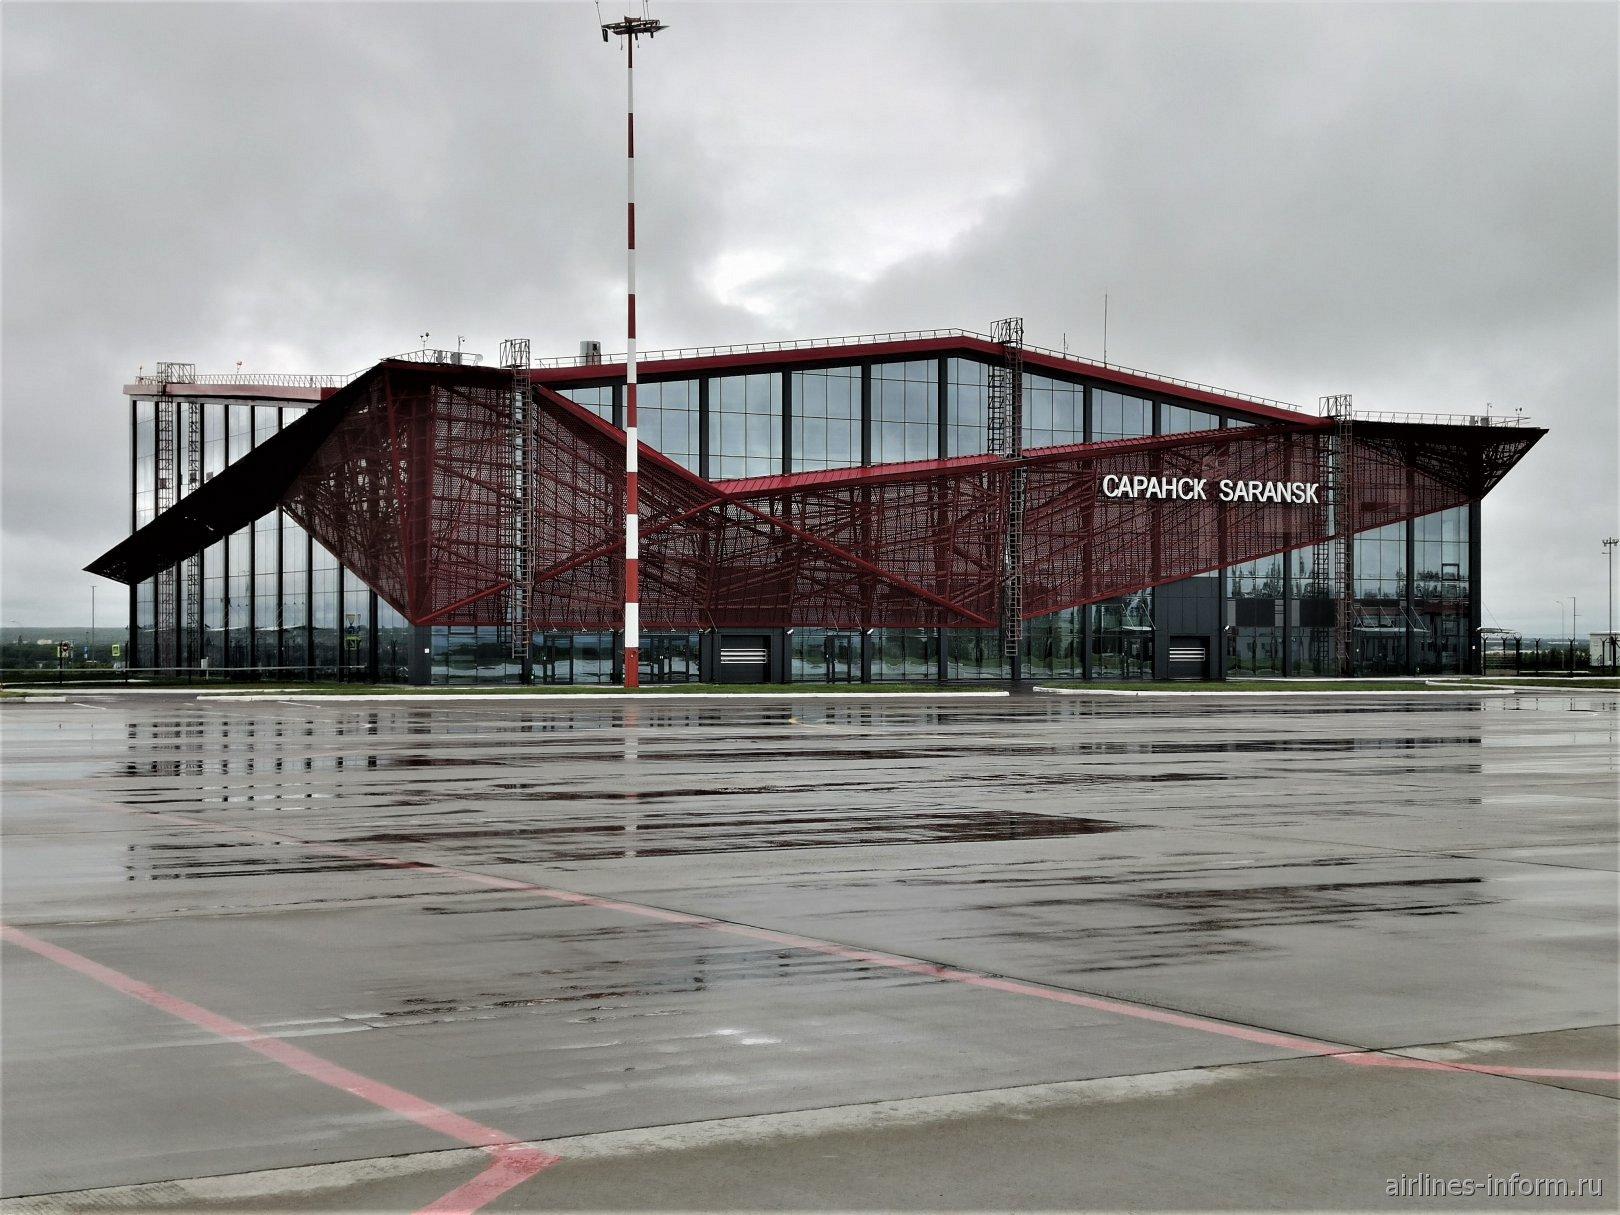 Вид с перрона на пассажирский терминал А аэропорта Саранск